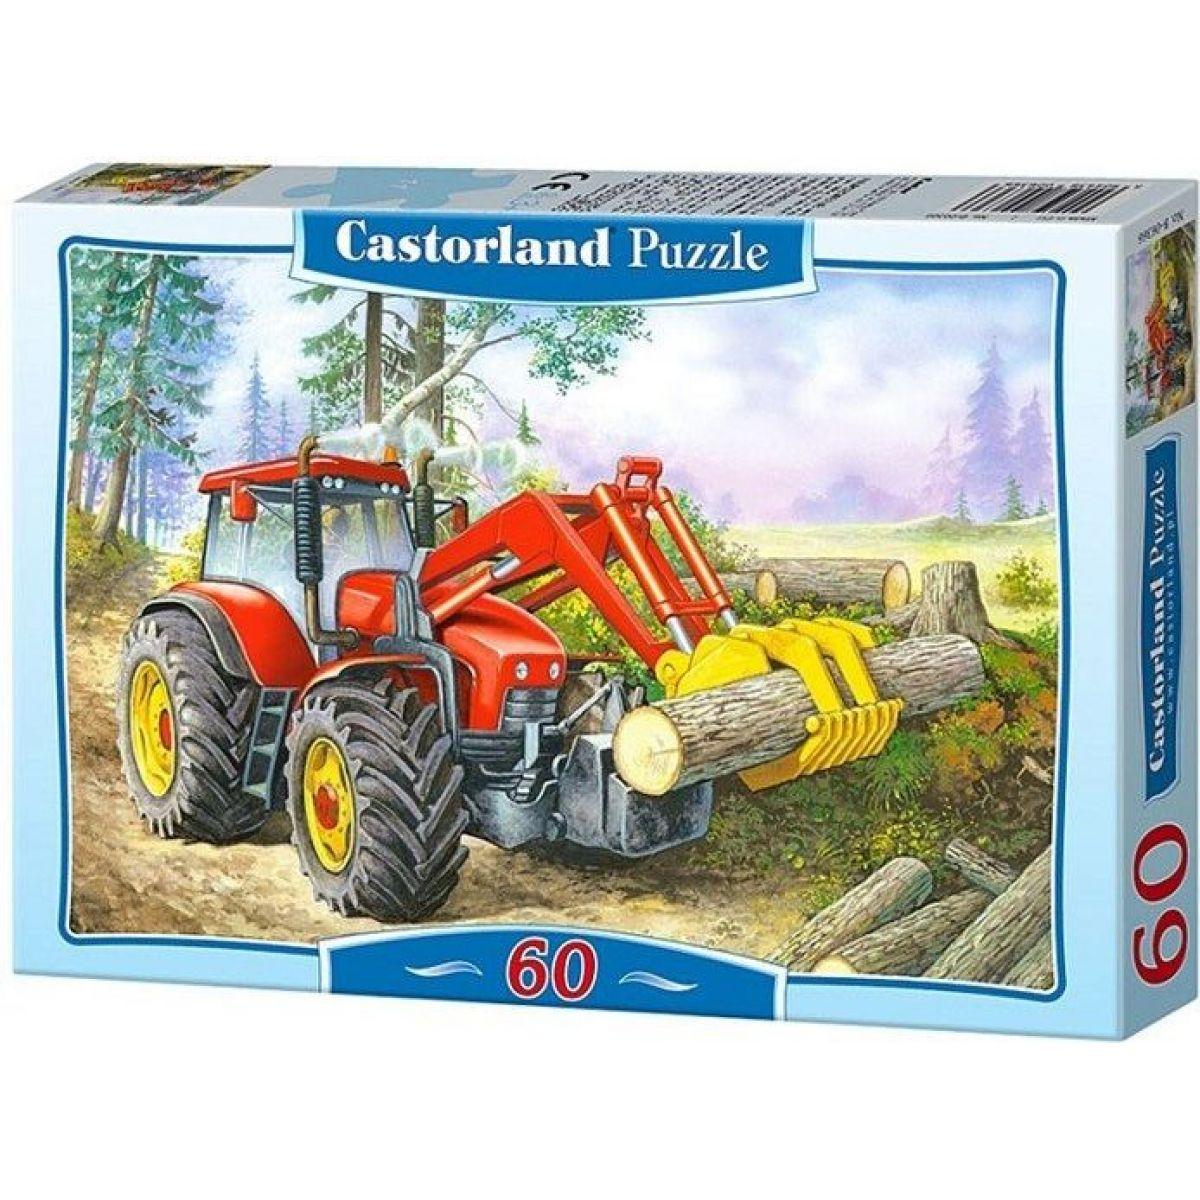 Castorland Puzzle Traktor nakladač 60 dielikov